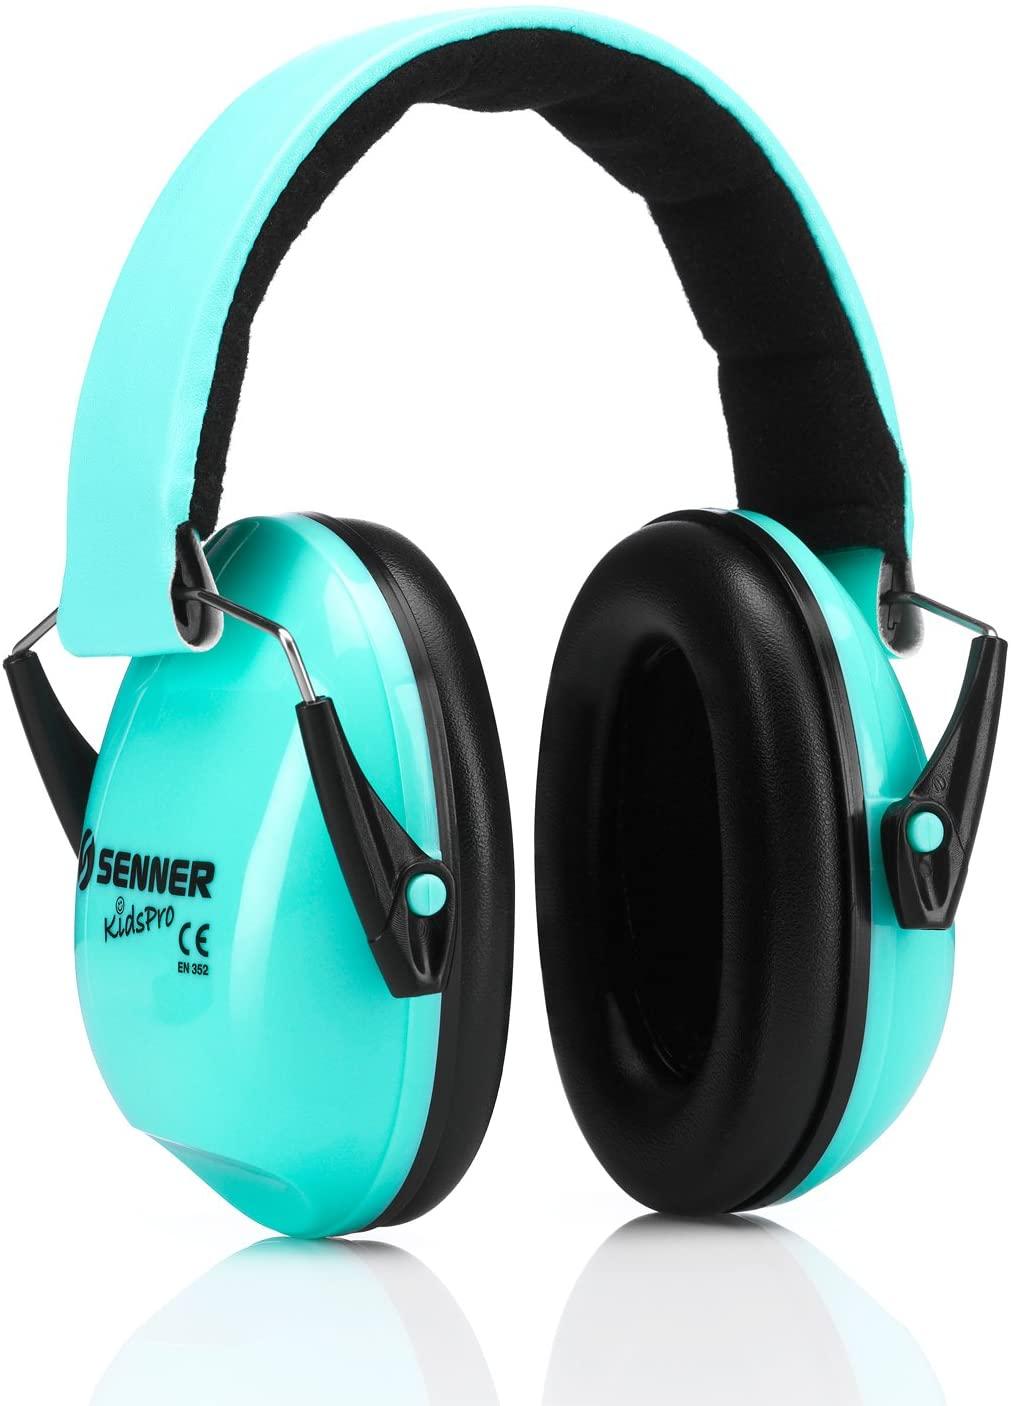 Protección auditiva Senner KidsPro para niños y bebés. Bebés desde 12 meses y niños hasta 16 años crecen con ella (menta/turquesa)